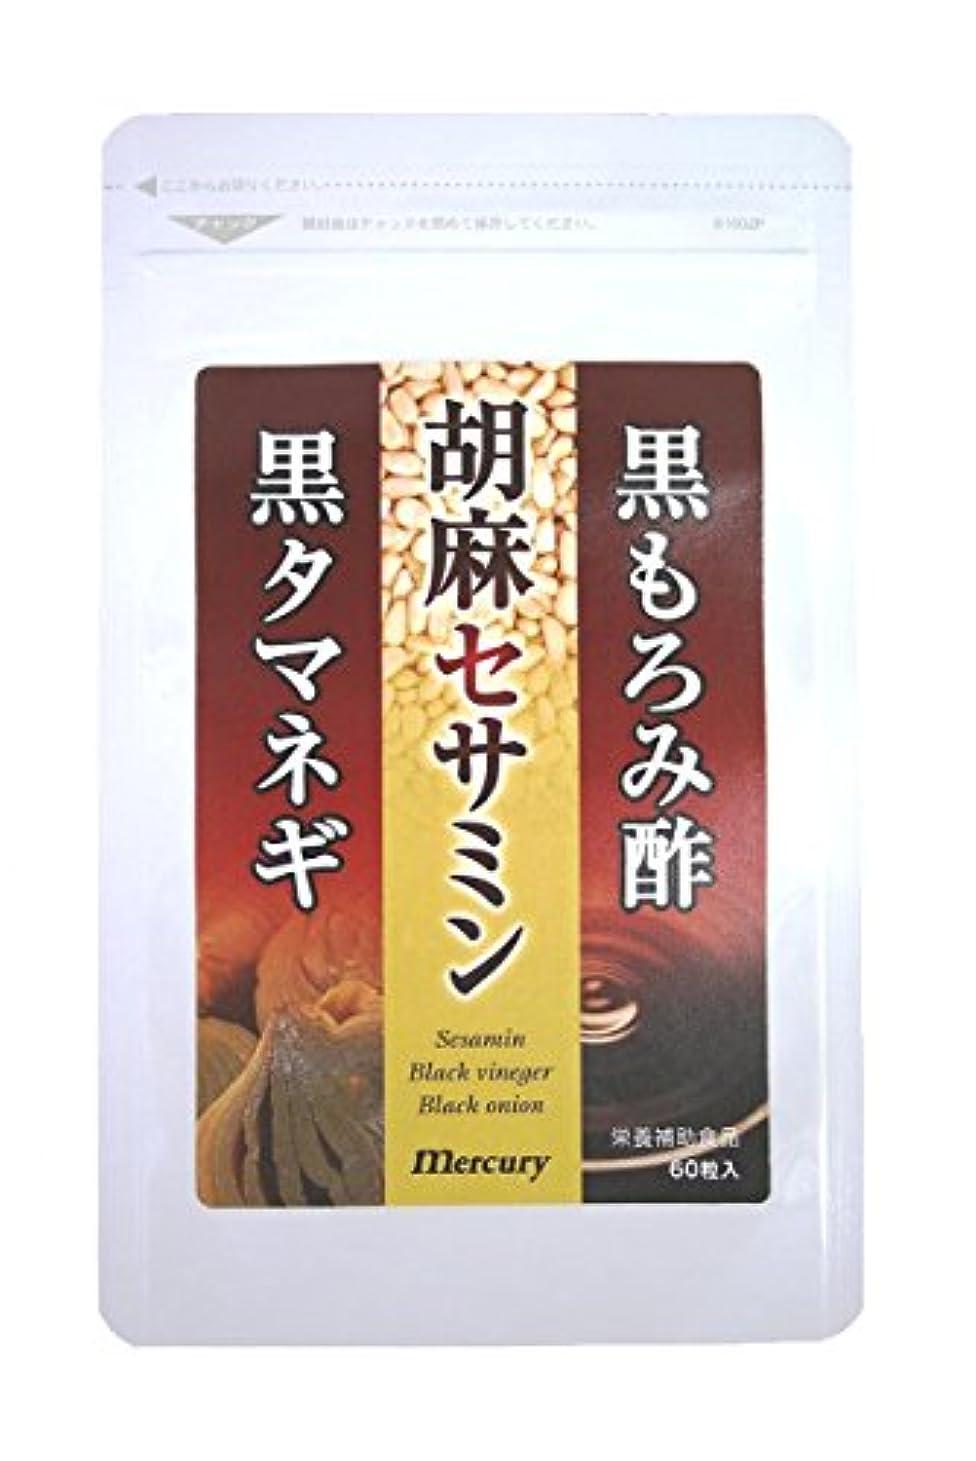 協同豆とは異なりマーキュリー胡麻セサミン+黒もろみ酢+黒タマネギ 60粒(約 30日分)